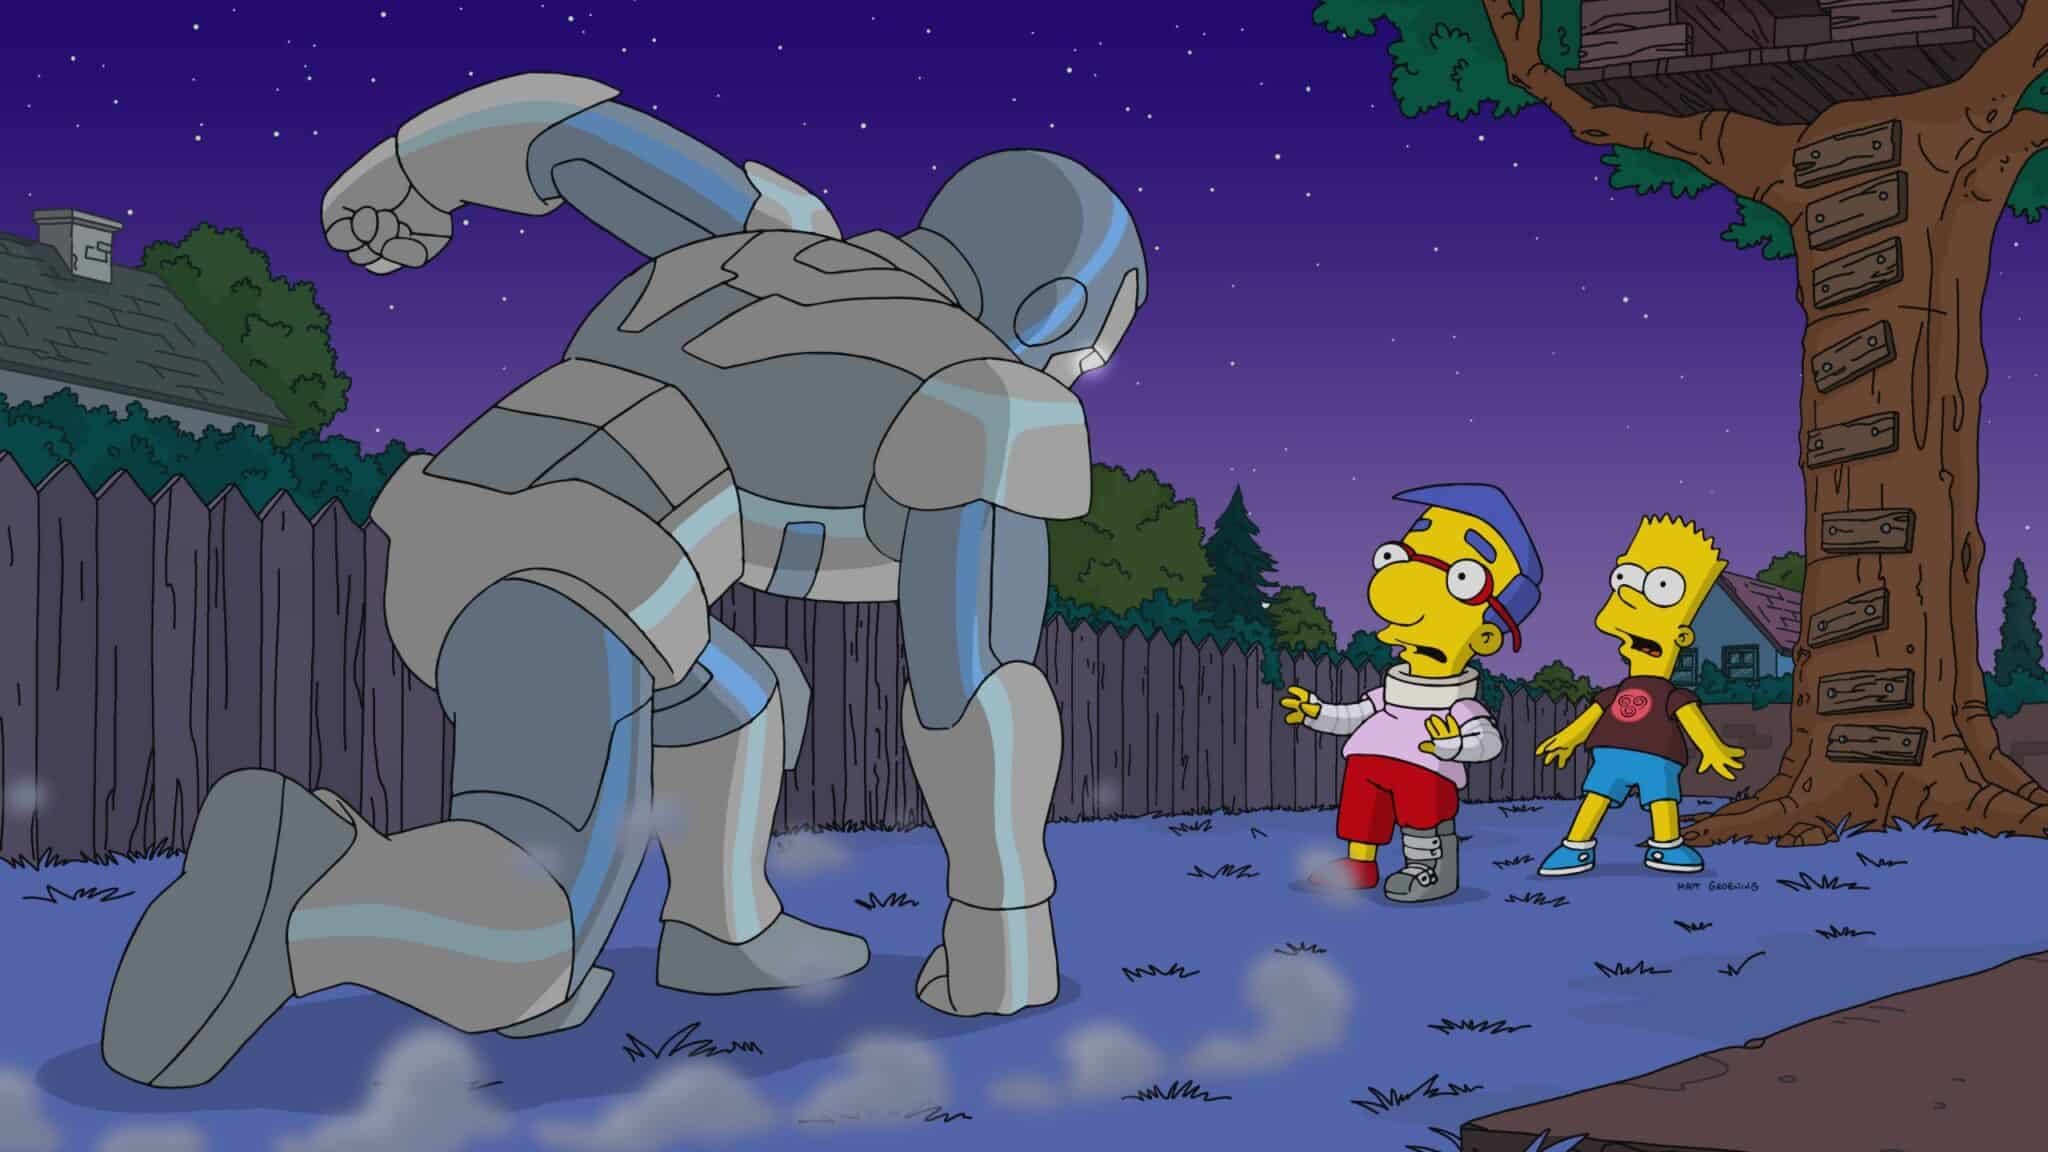 Los Simpson Temporada 31 disney +